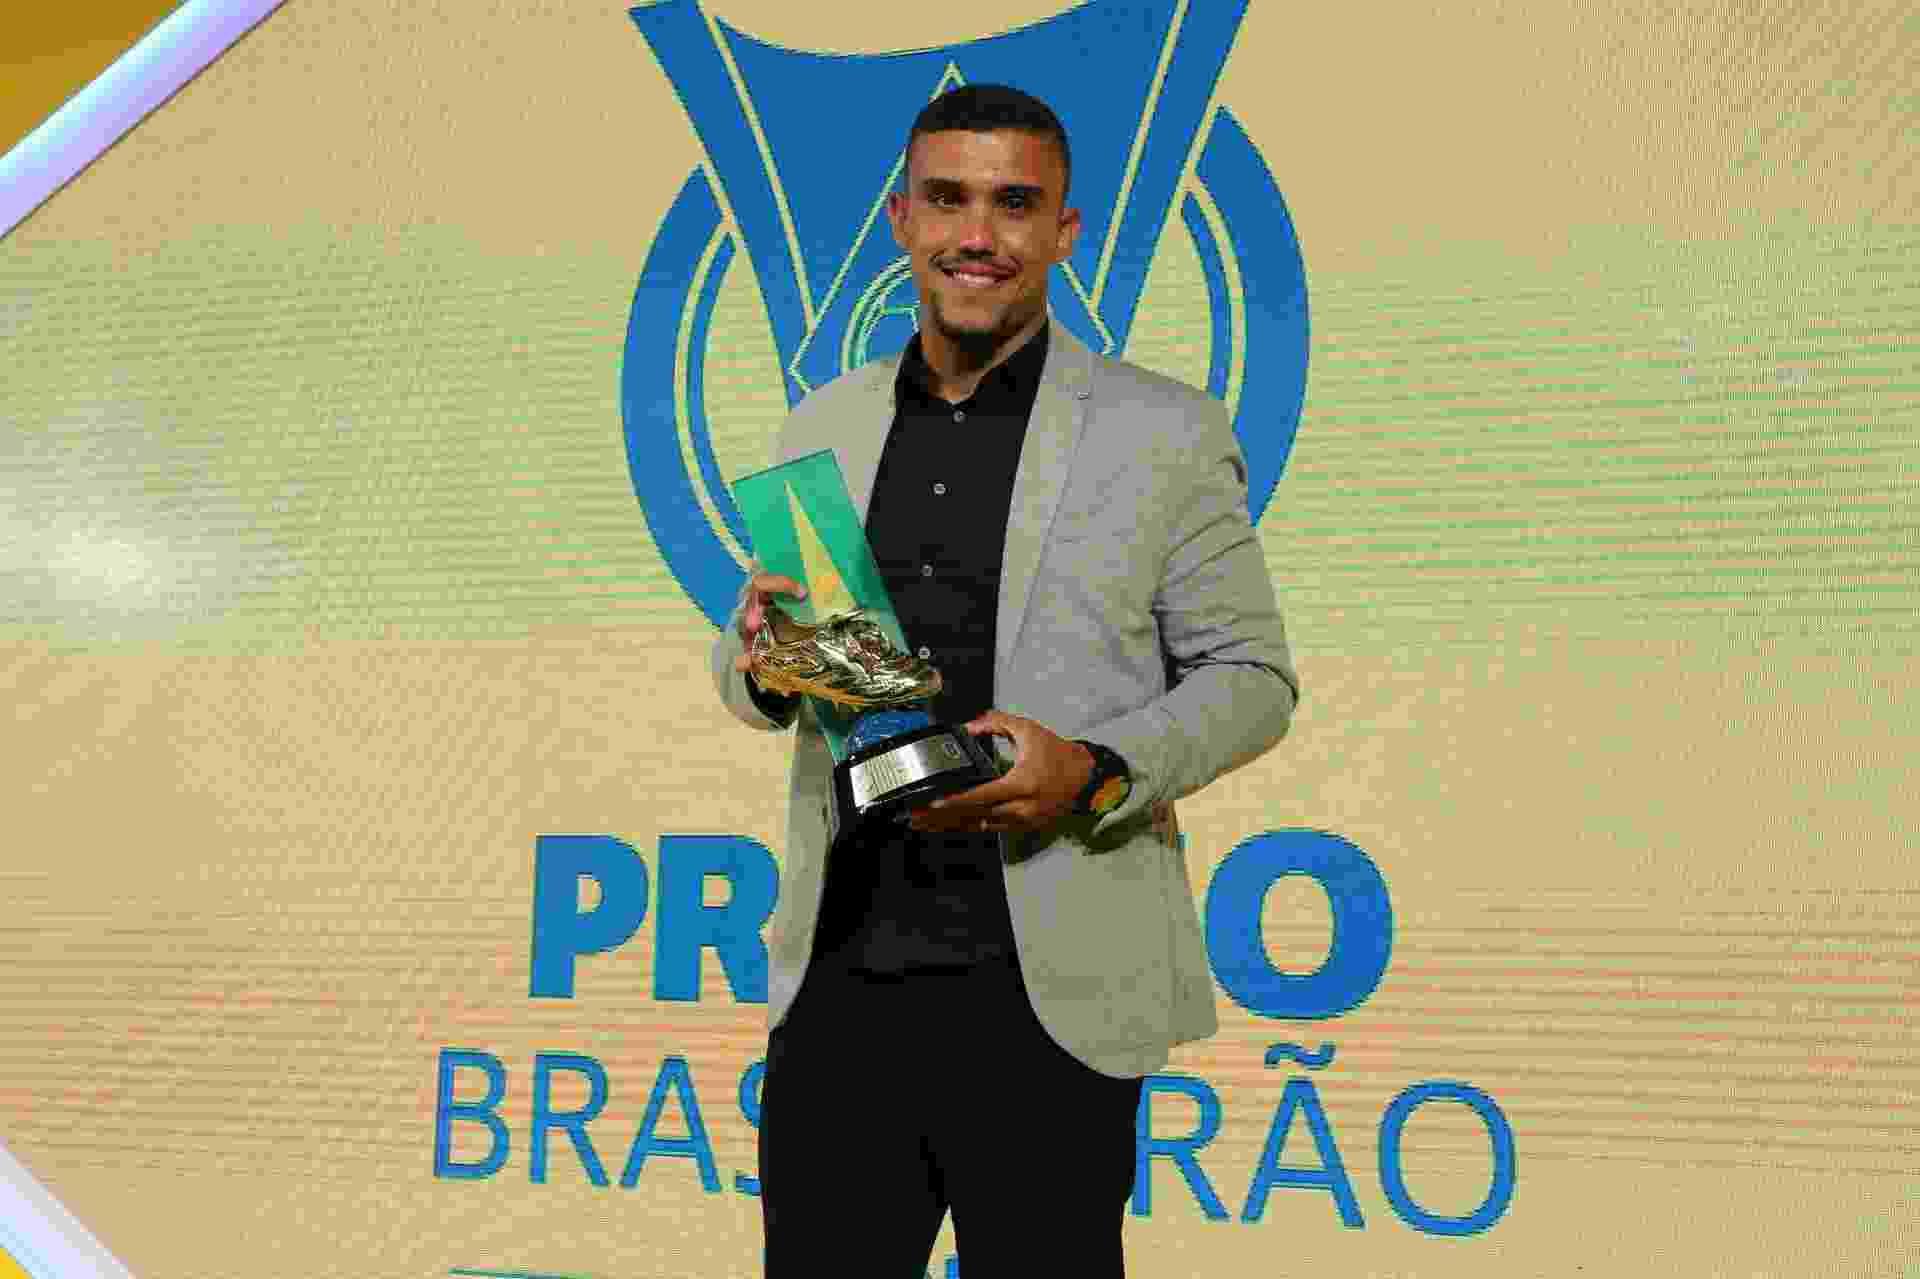 William Pottker, da Ponte Preta, recebeu o prêmio de artilheiro do Campeonato Brasileiro - ele dividiu a honraria com Fred (Atlético-MG) e Diego Souza (Sport) - Ricardo Stuckert/CBF